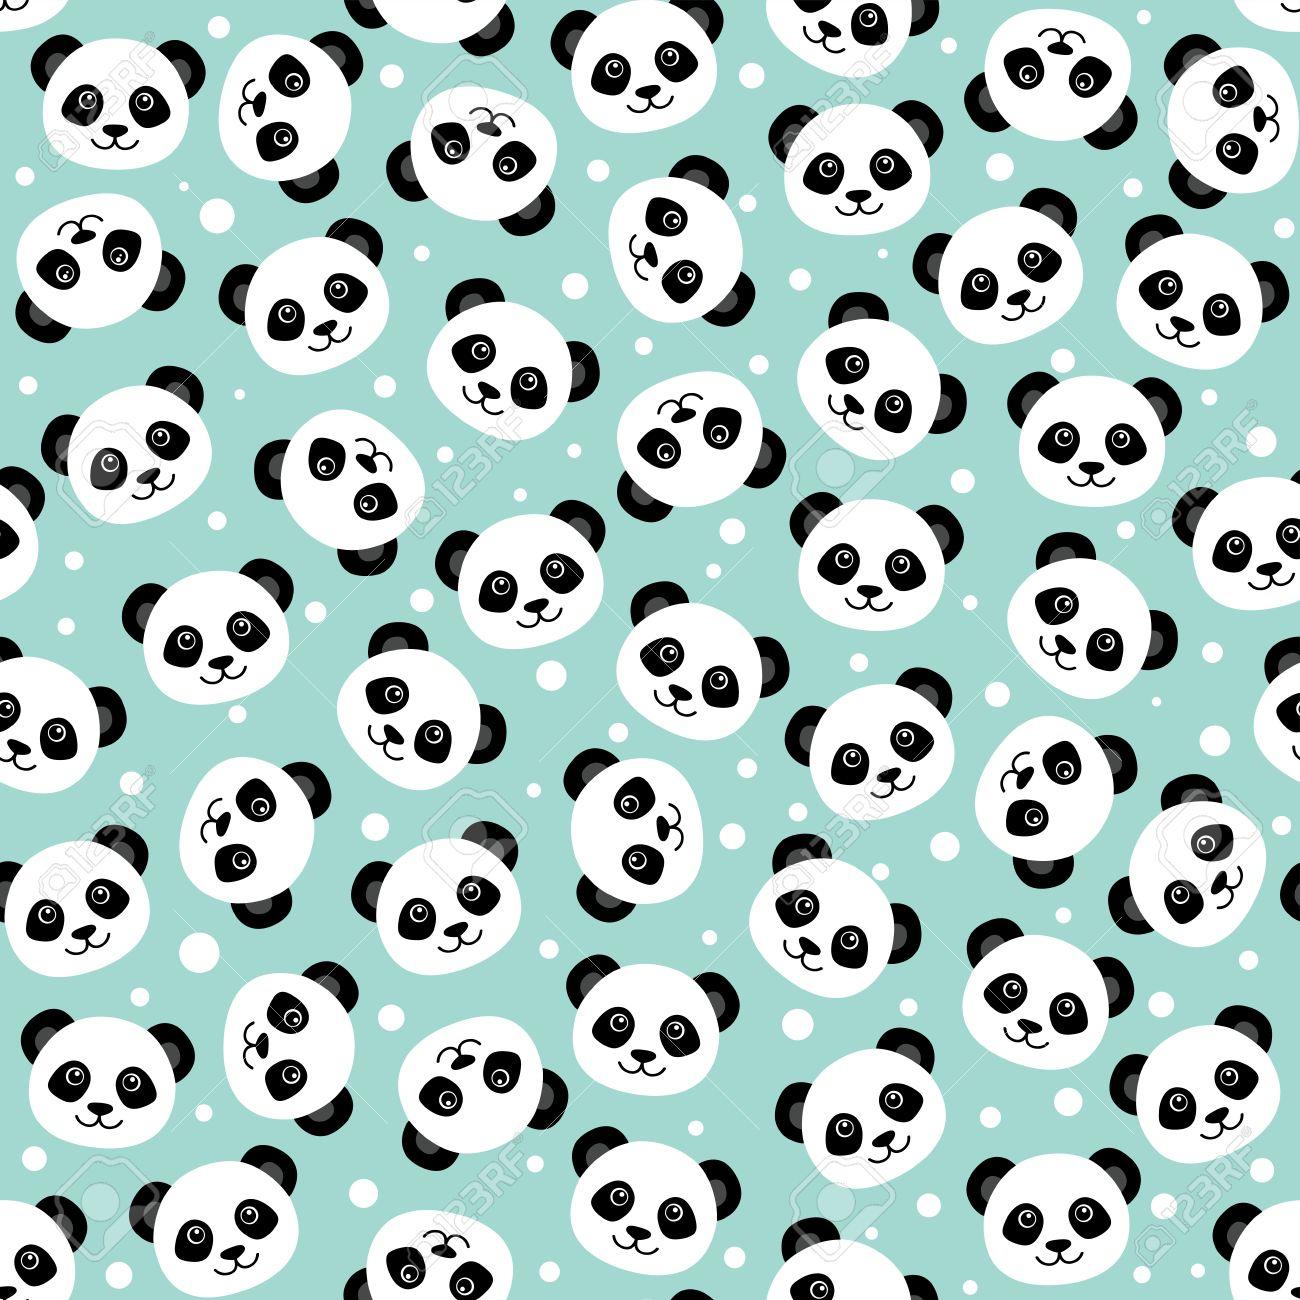 Cute panda face. Seamless cartoon wallpaper - 56918902